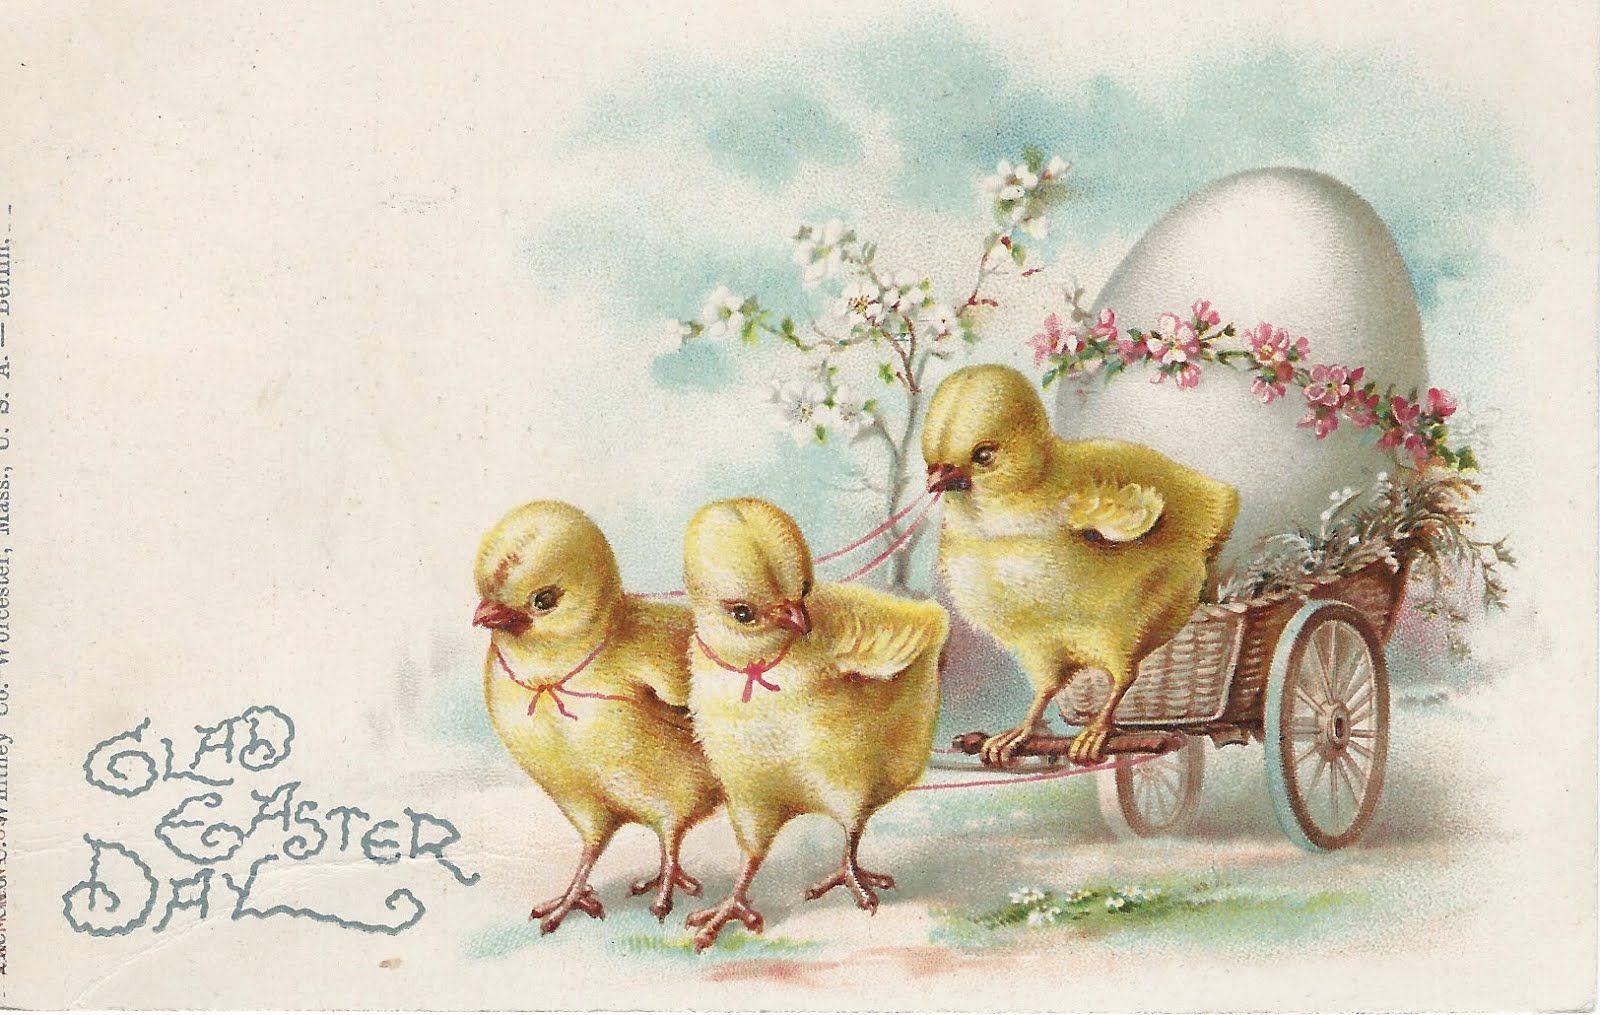 Марта женщине, пасхальная открытка цыпленок